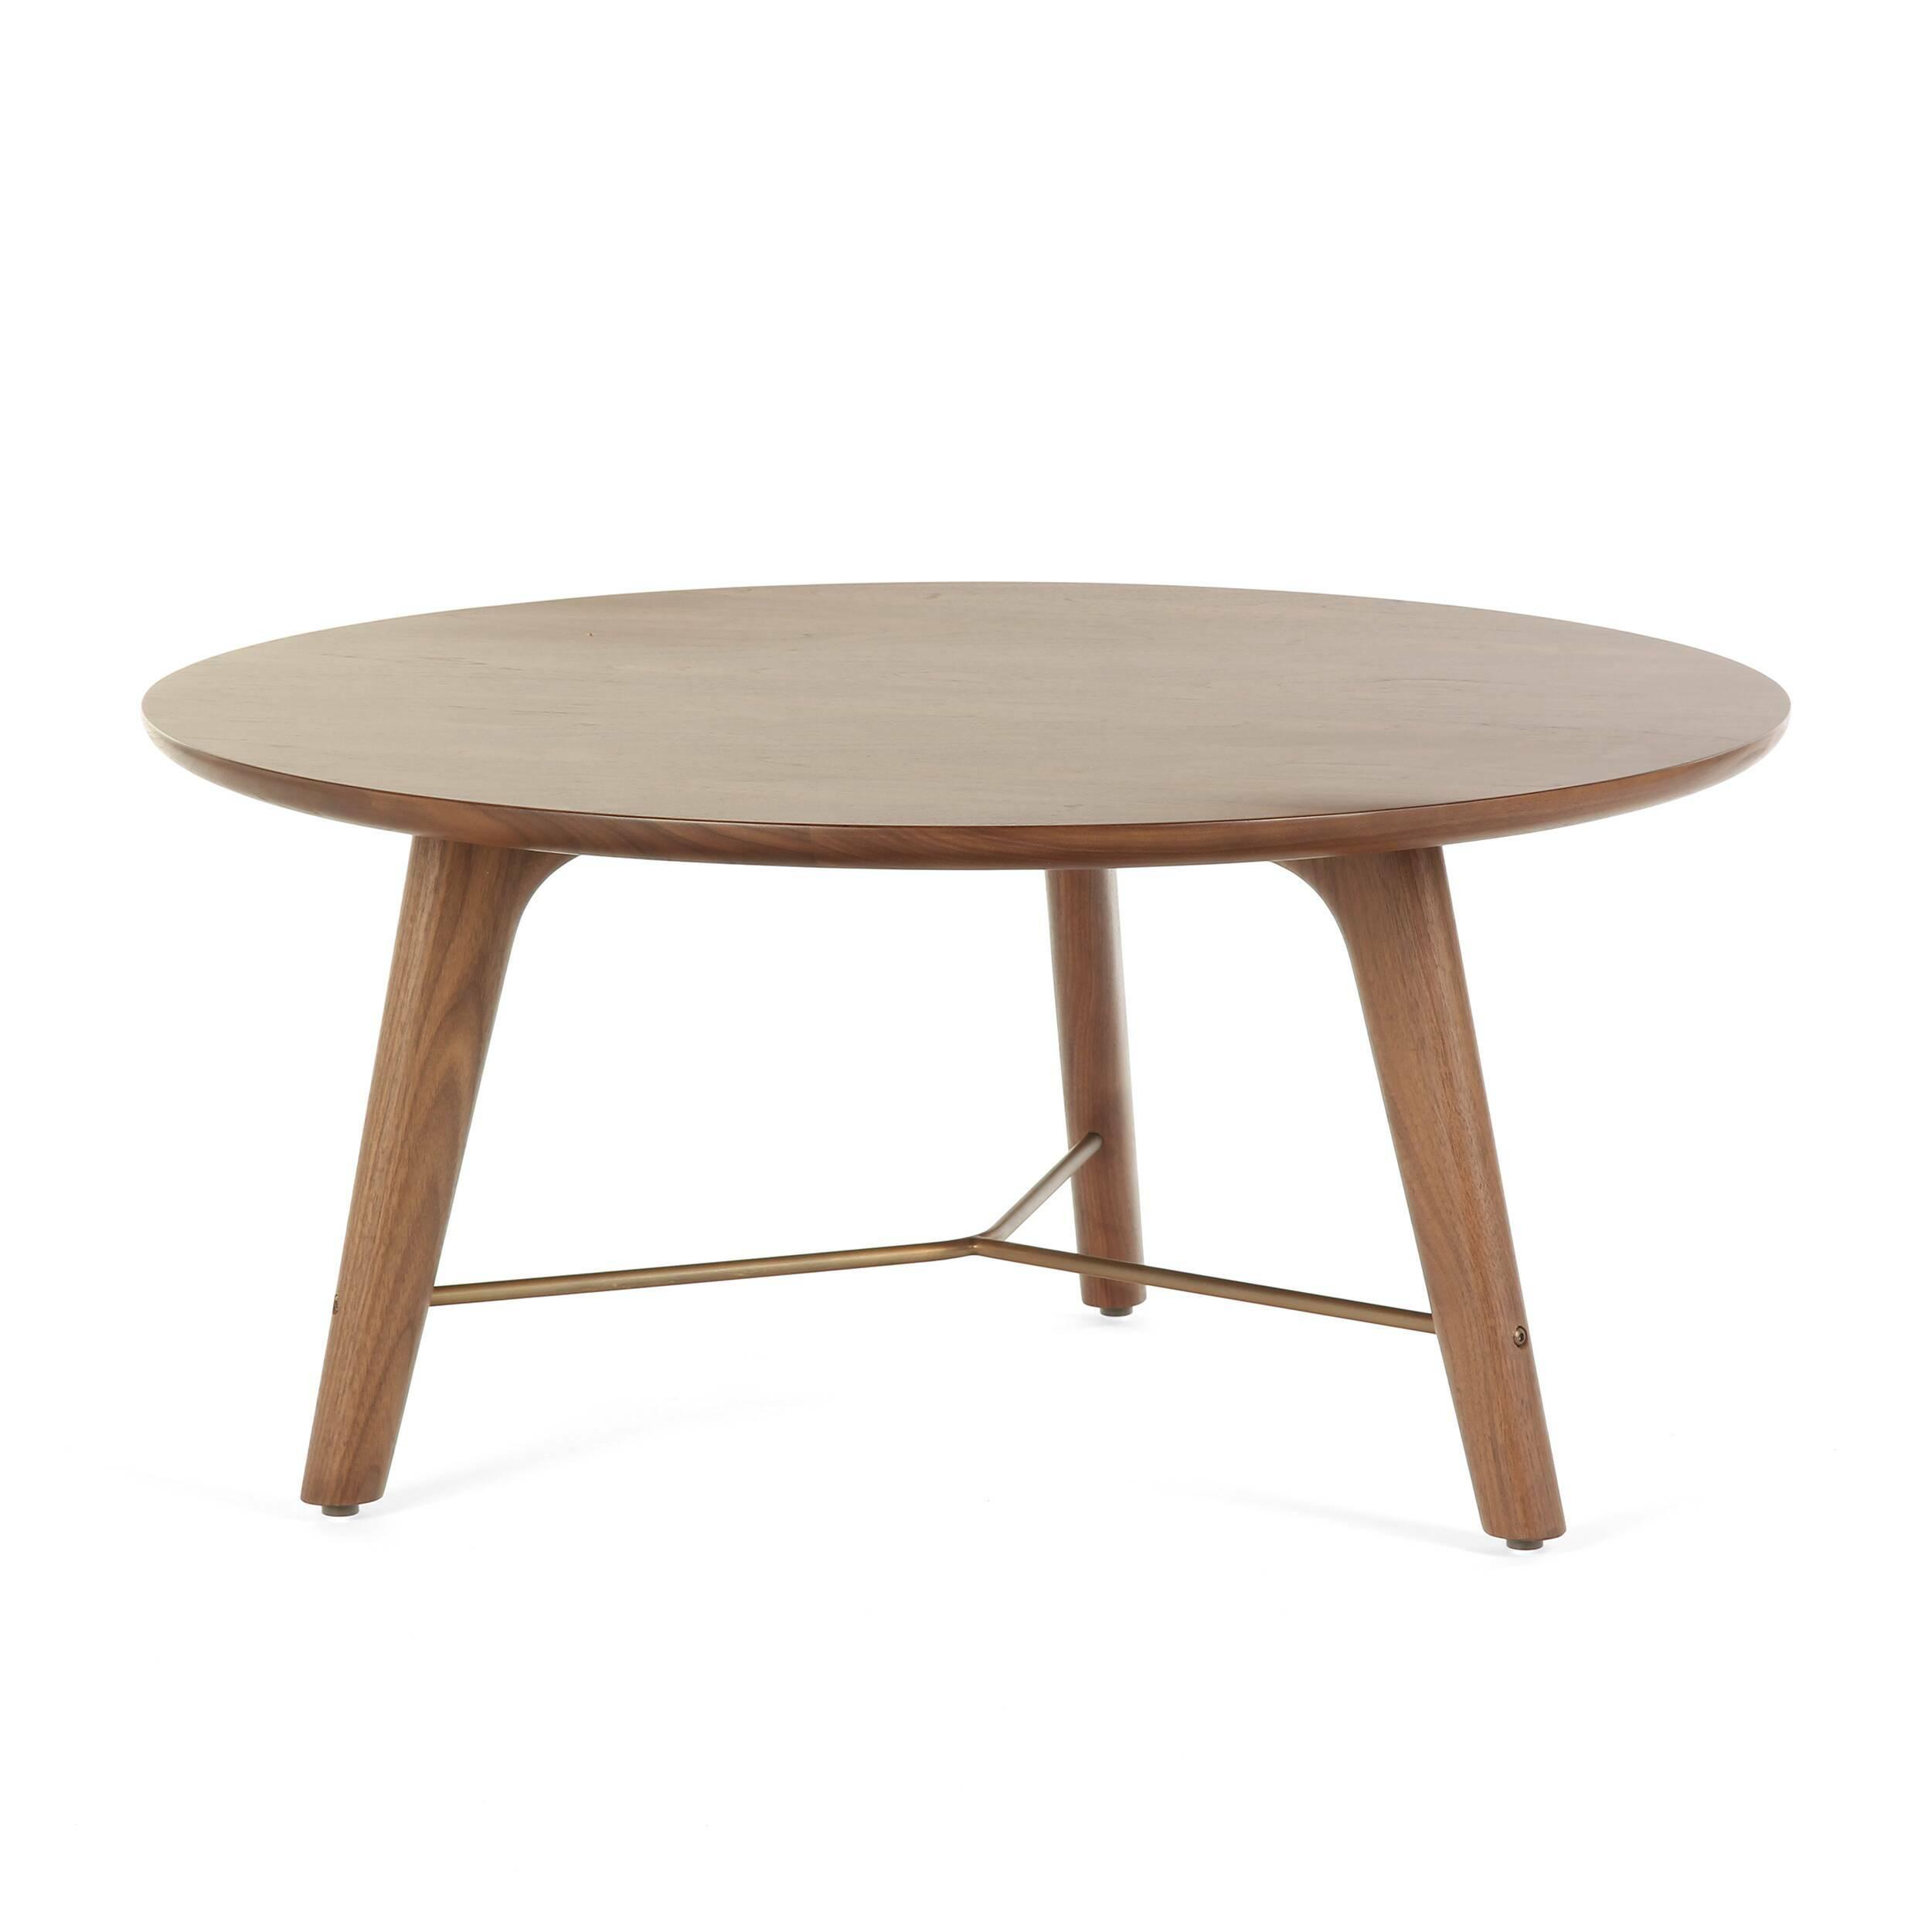 Кофейный стол Utility высота 39 диаметр 80Кофейные столики<br>Кофейный стол Utility высота 39 диаметр 80 – это простой, лаконичный и привлекательный элемент домашнего интерьера, созданный дизайнерами компании Stellar Works. В их творениях мягко переплетаются восточная утонченность и западная практичность, благодаря чему их мебель способна гармонично сочетаться с самыми разными дизайнерскими решениями.<br><br><br> Кофейный стол Utility высота 39 диаметр 80 – это яркий пример надежности и красоты изделий из орехового дерева. Орех считается одной из наиболее ...<br><br>stock: 1<br>Высота: 39<br>Диаметр: 80<br>Цвет ножек: Орех<br>Цвет столешницы: Орех<br>Материал ножек: Массив ореха<br>Материал столешницы: Шпон ореха<br>Тип материала каркаса: Сталь нержавеющя<br>Тип материала столешницы: Дерево<br>Тип материала ножек: Дерево<br>Цвет каркаса: Латунь